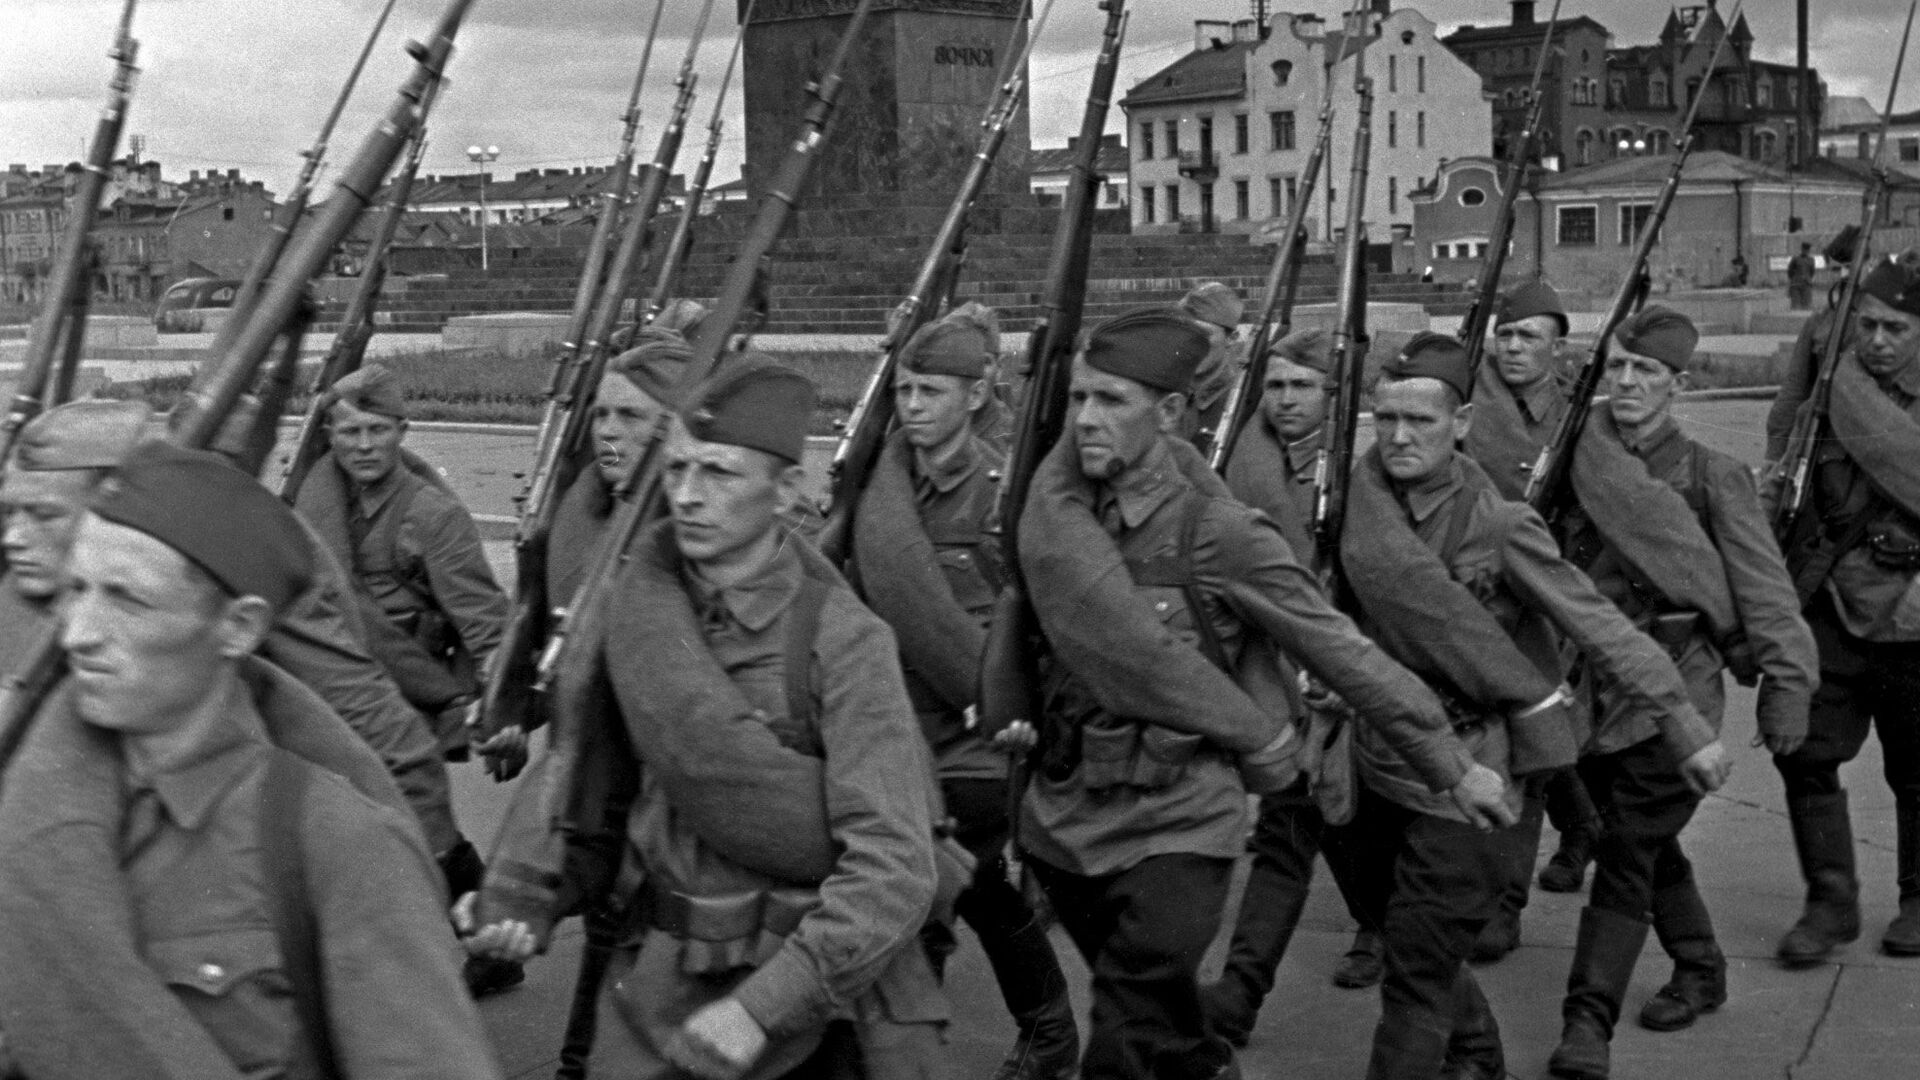 Великая Отечественная война 1941-1945 - РИА Новости, 1920, 22.06.2021